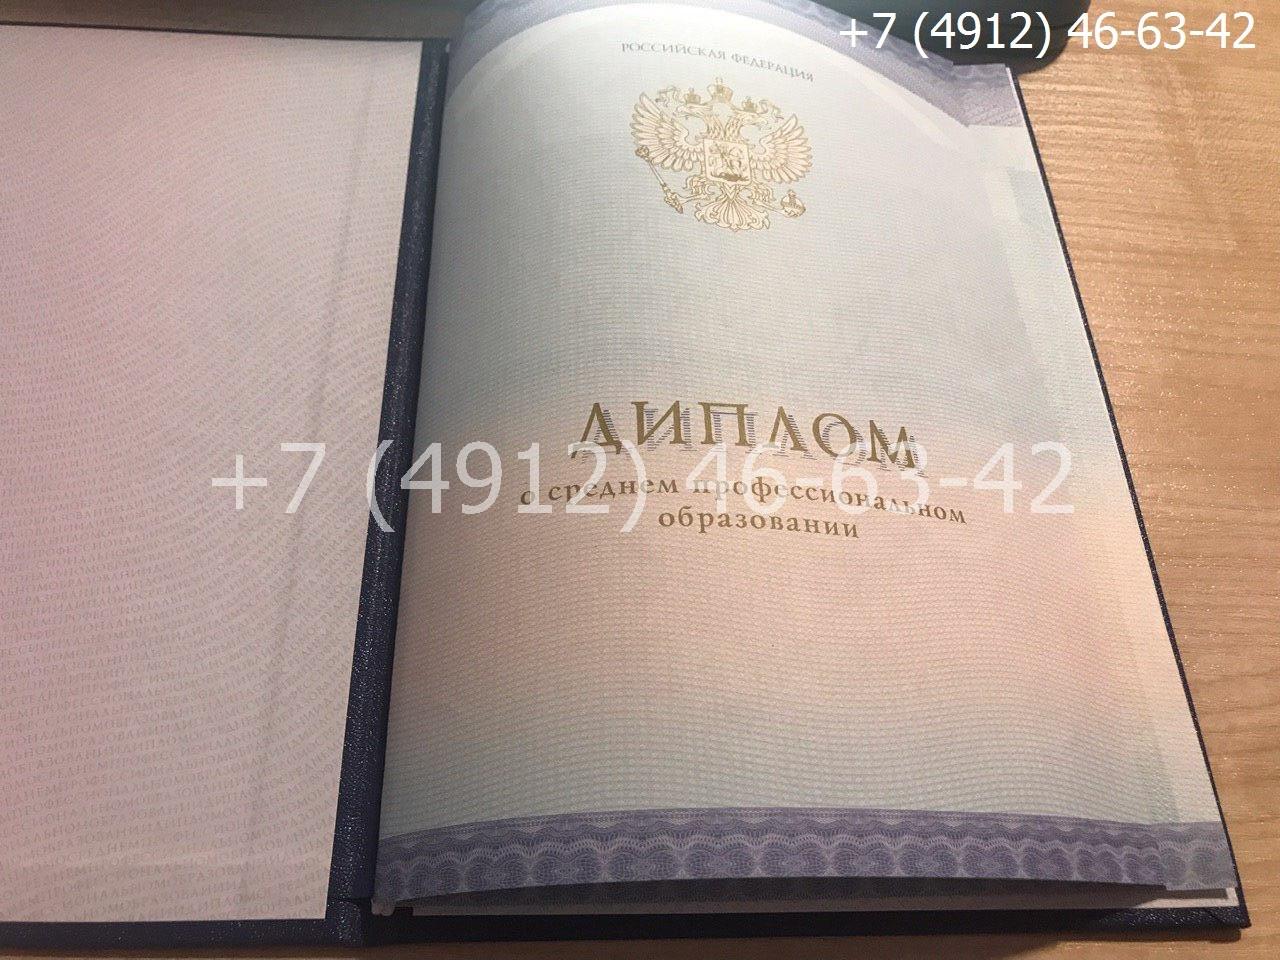 Диплом техникума 2014-2020 годов, образец, титульный лист-1